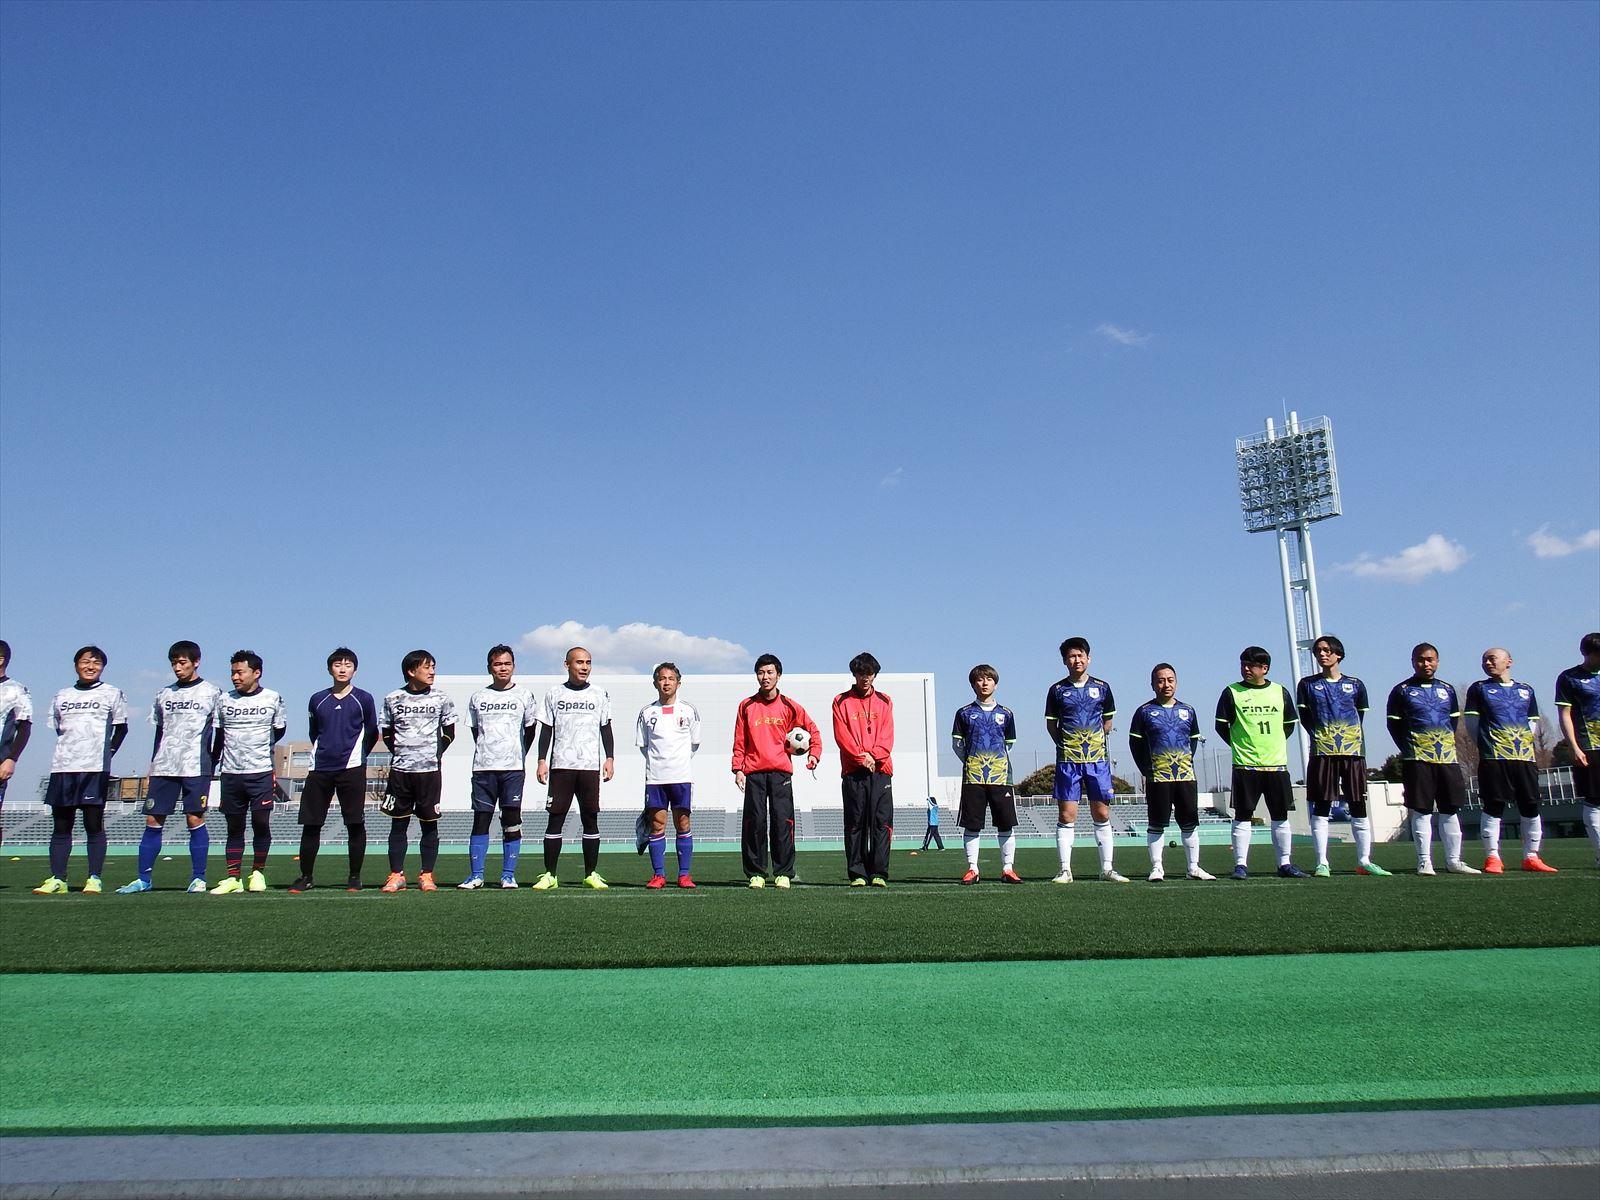 大人サッカー教室 フットサル決勝大会写真ギャラリー